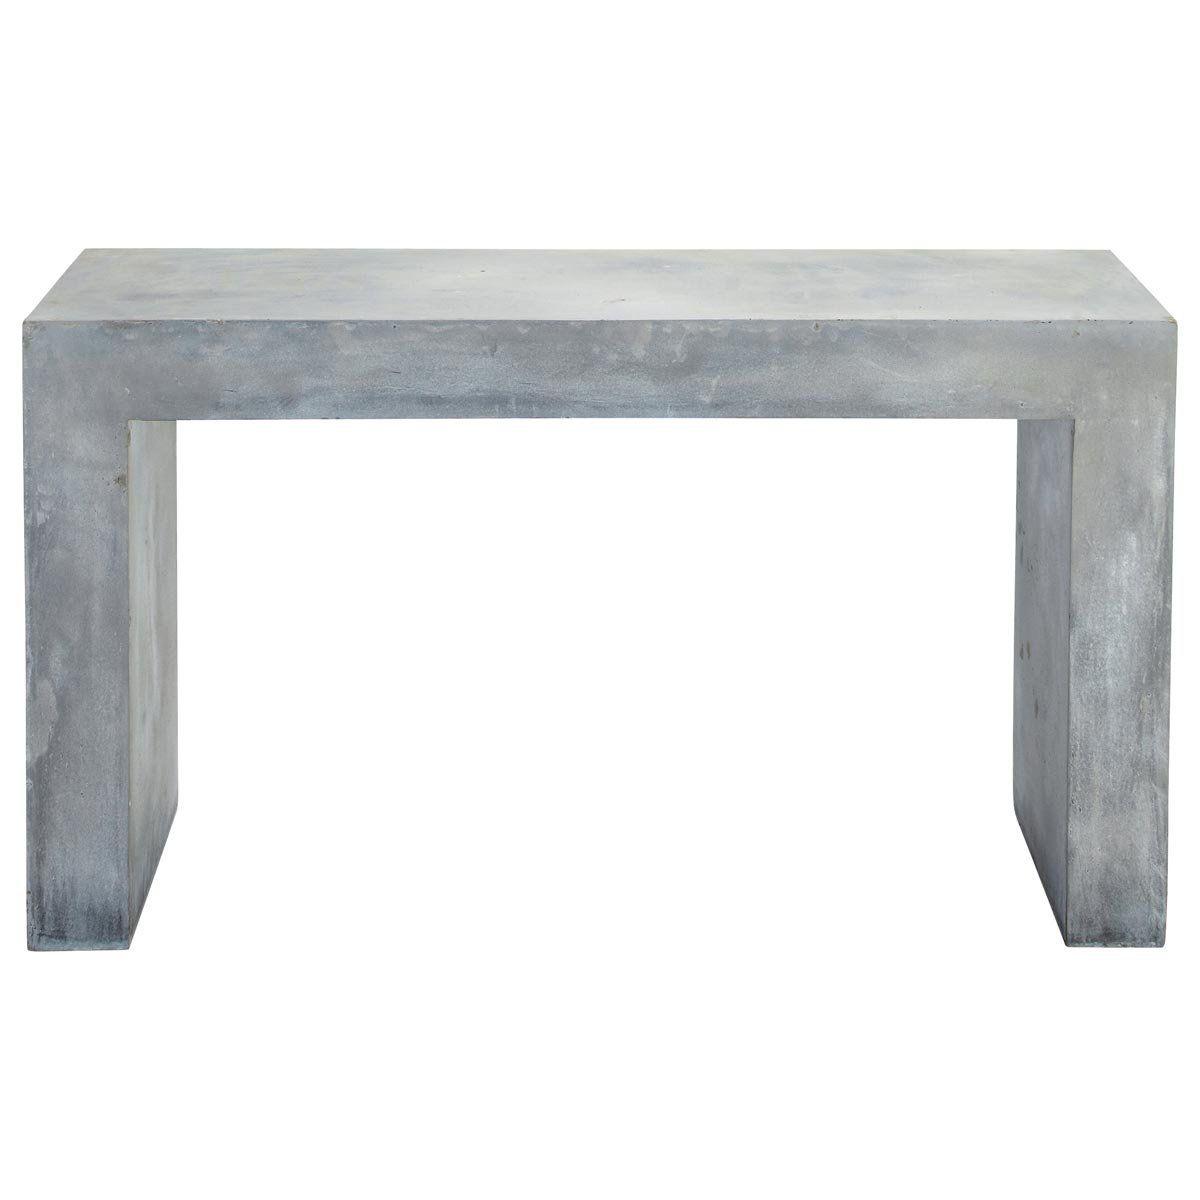 Table Console Effet Beton En Magnesie Grise L 135 Cm Maisons Du Monde Konsolen Tisch Konsolentisch Konsole